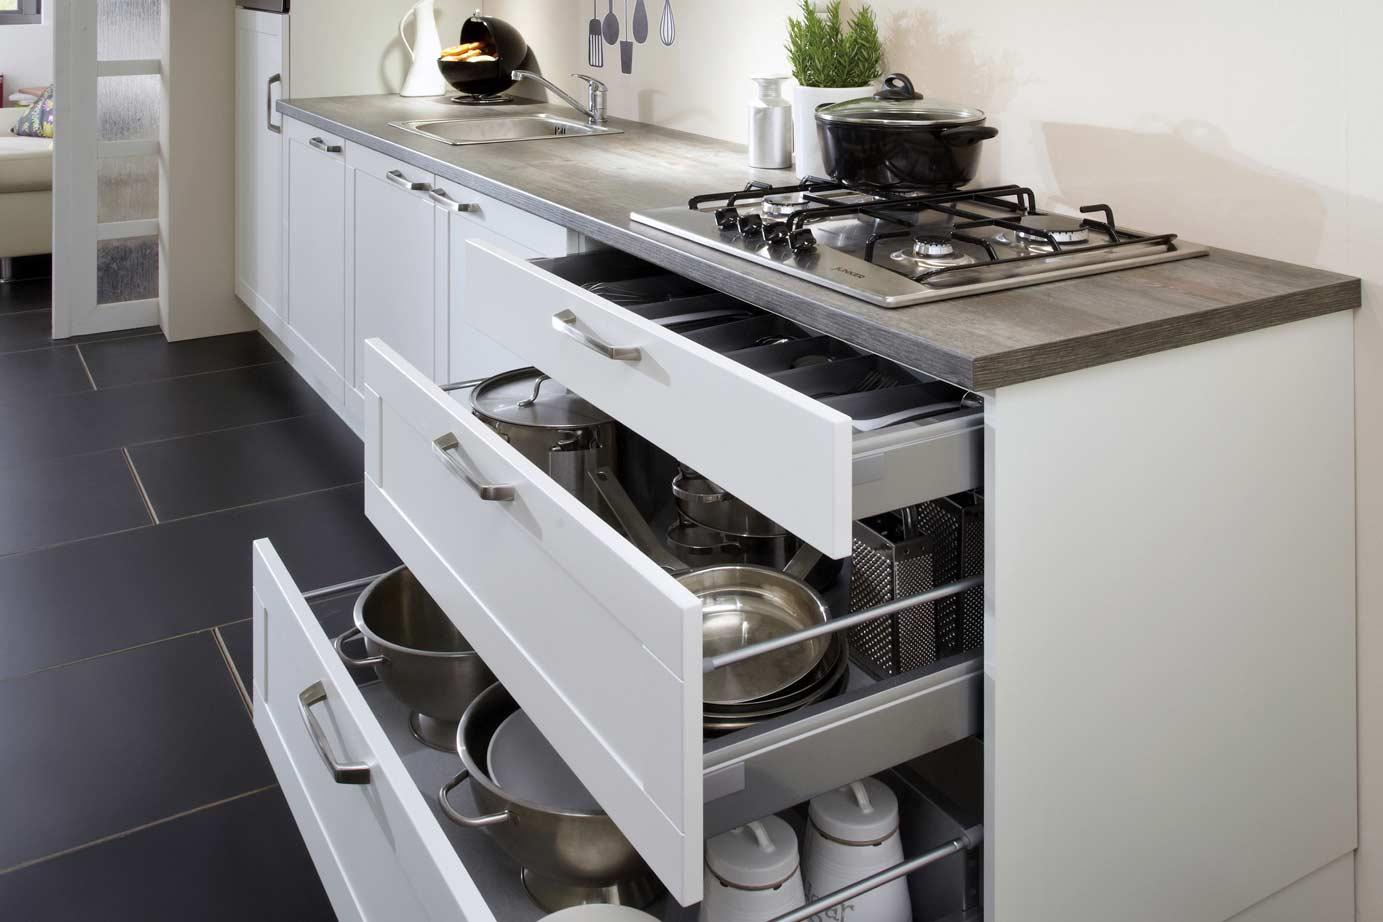 Goekope Keukens: Eiland keuken ontwerpen landelijke goedkope keukens.